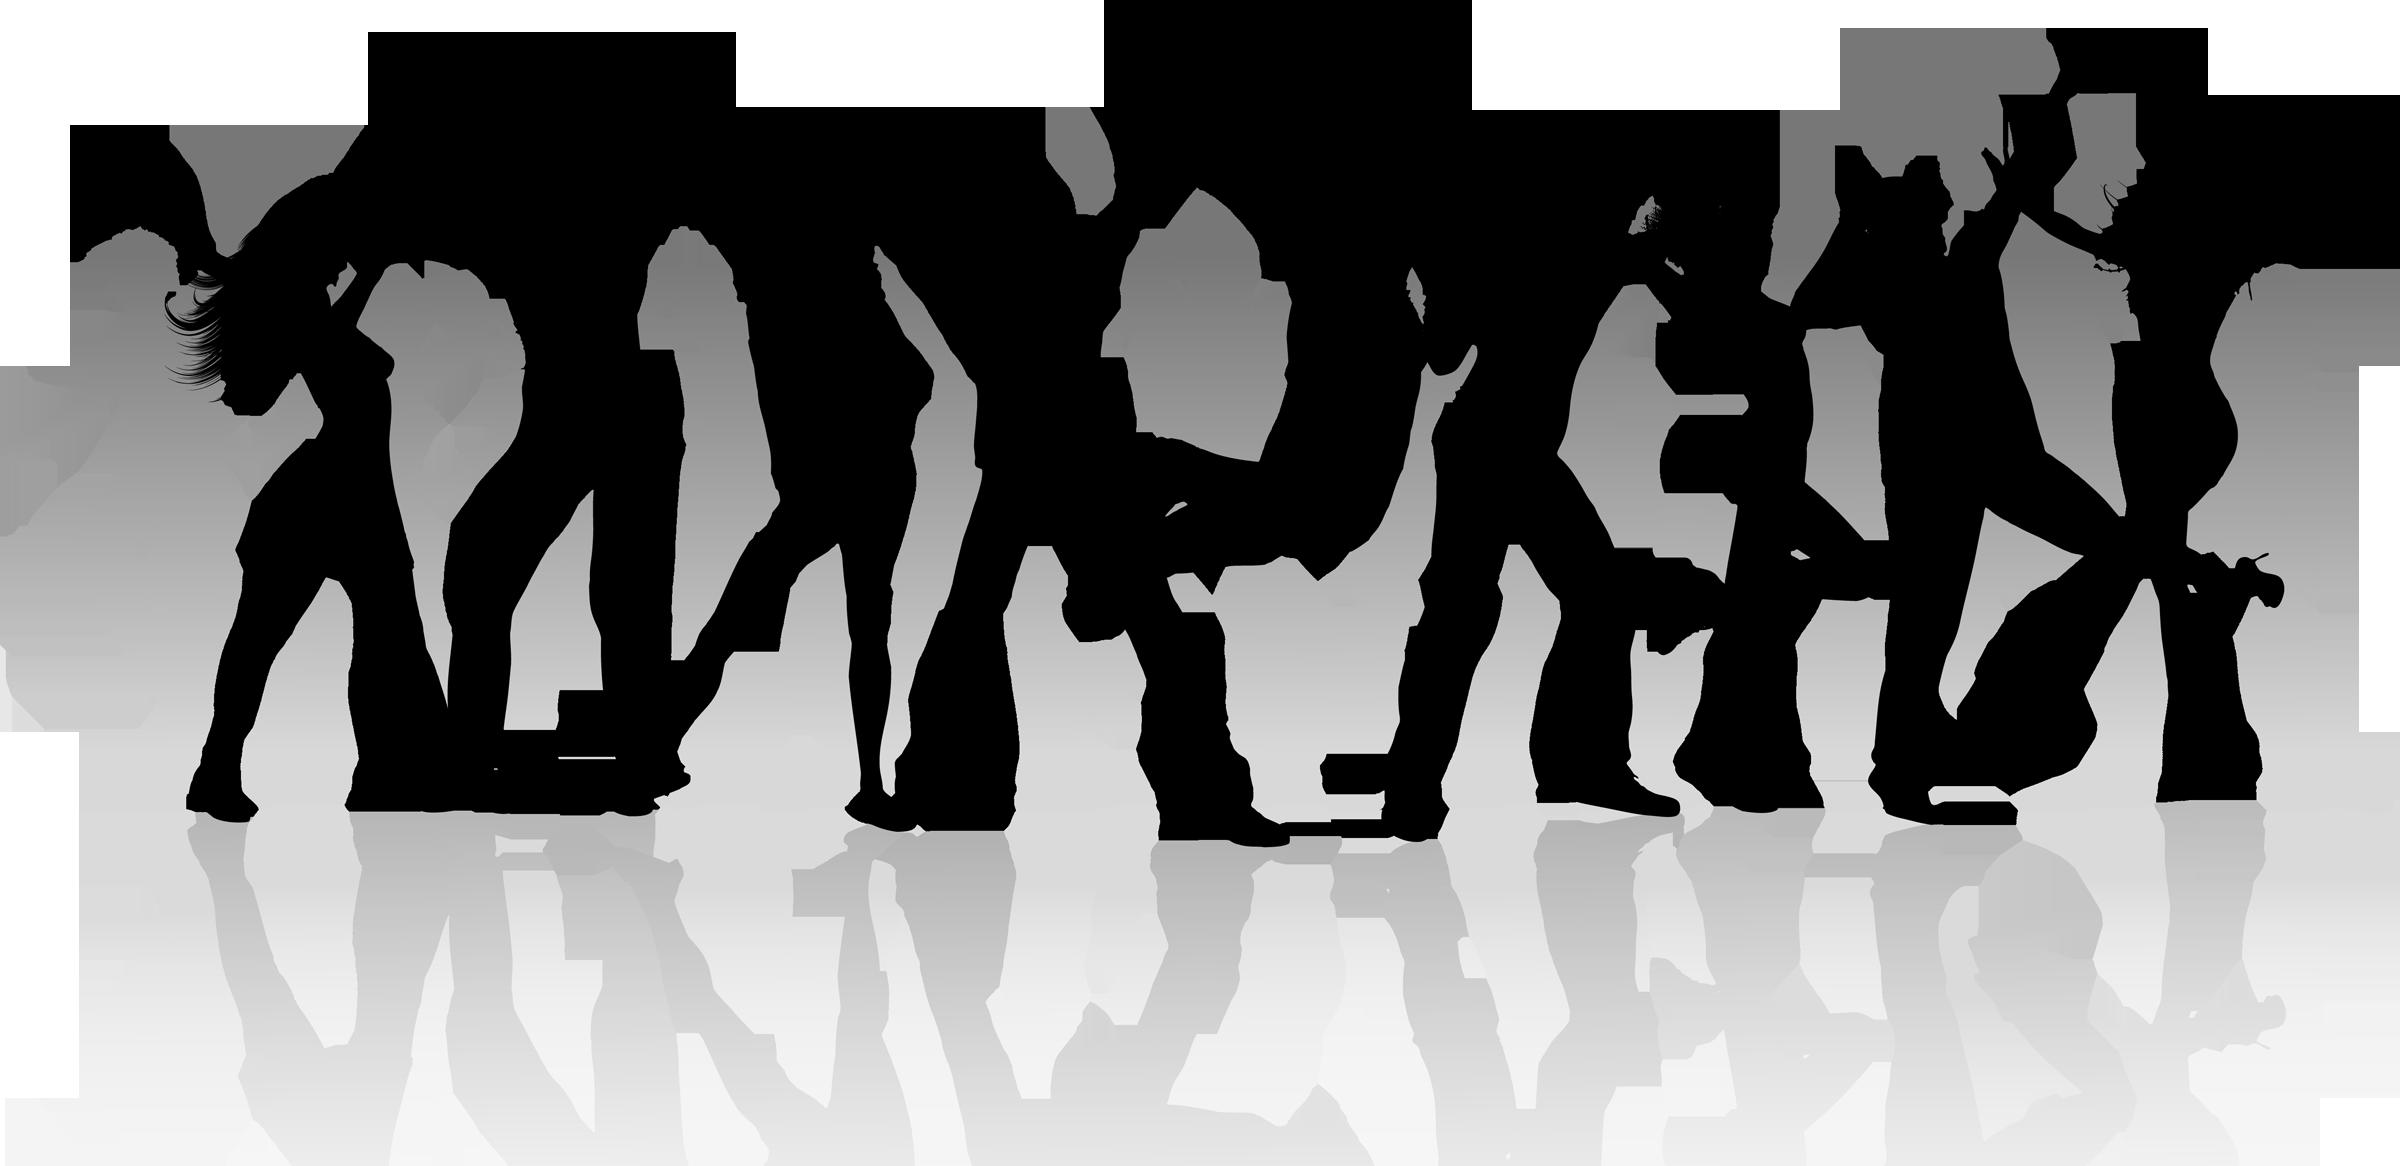 Group silhouette clip art. Dance clipart dance troupe